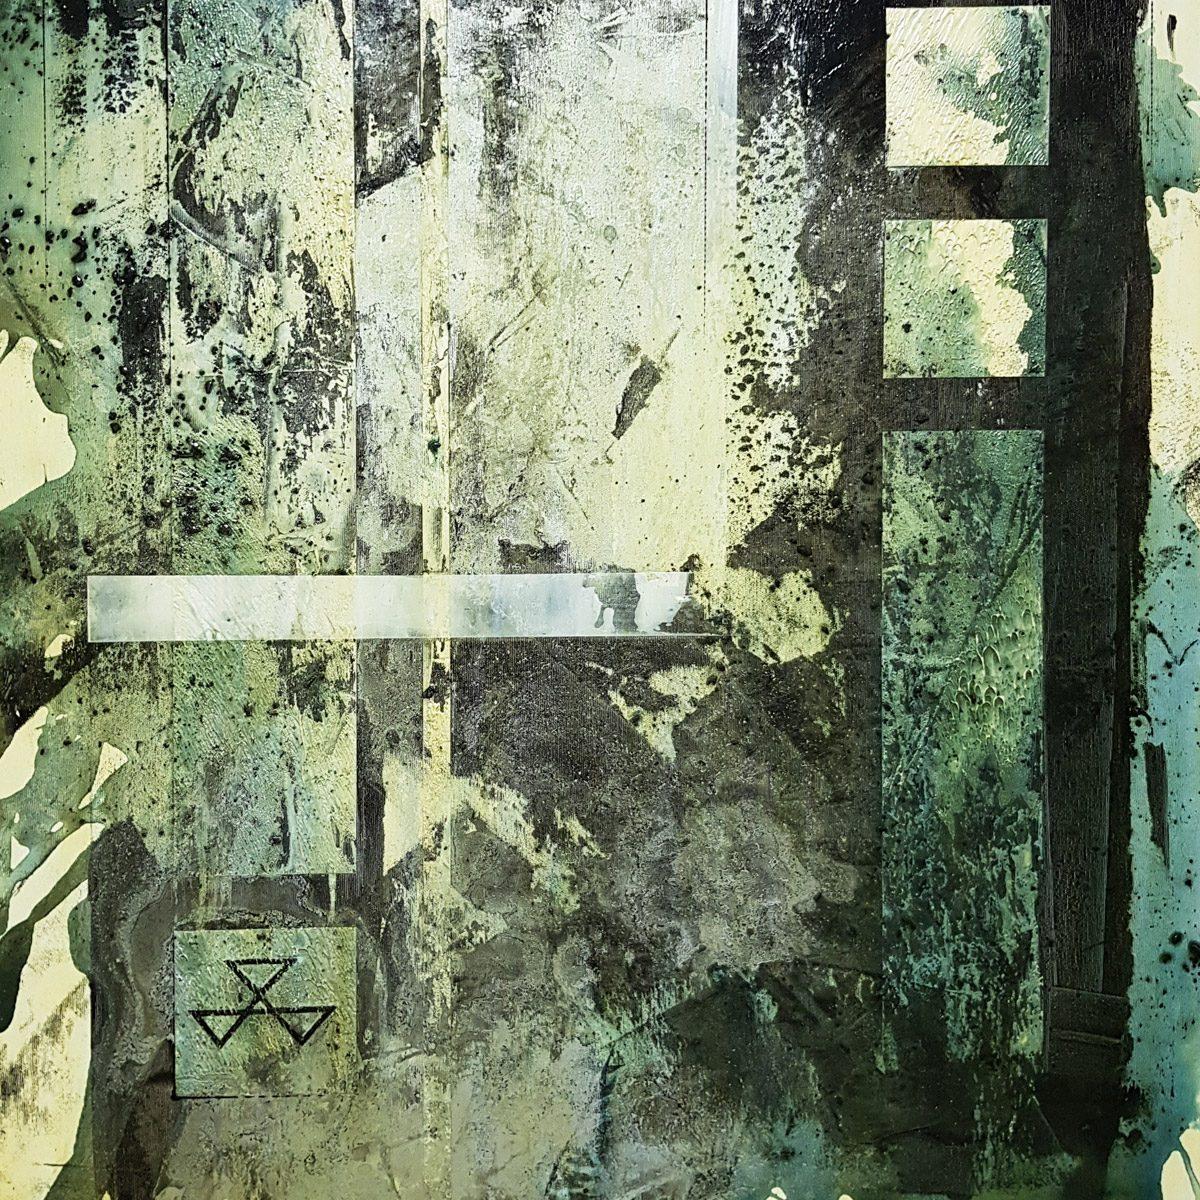 011 Masonski sledi acryloil on canvas 80x70cm